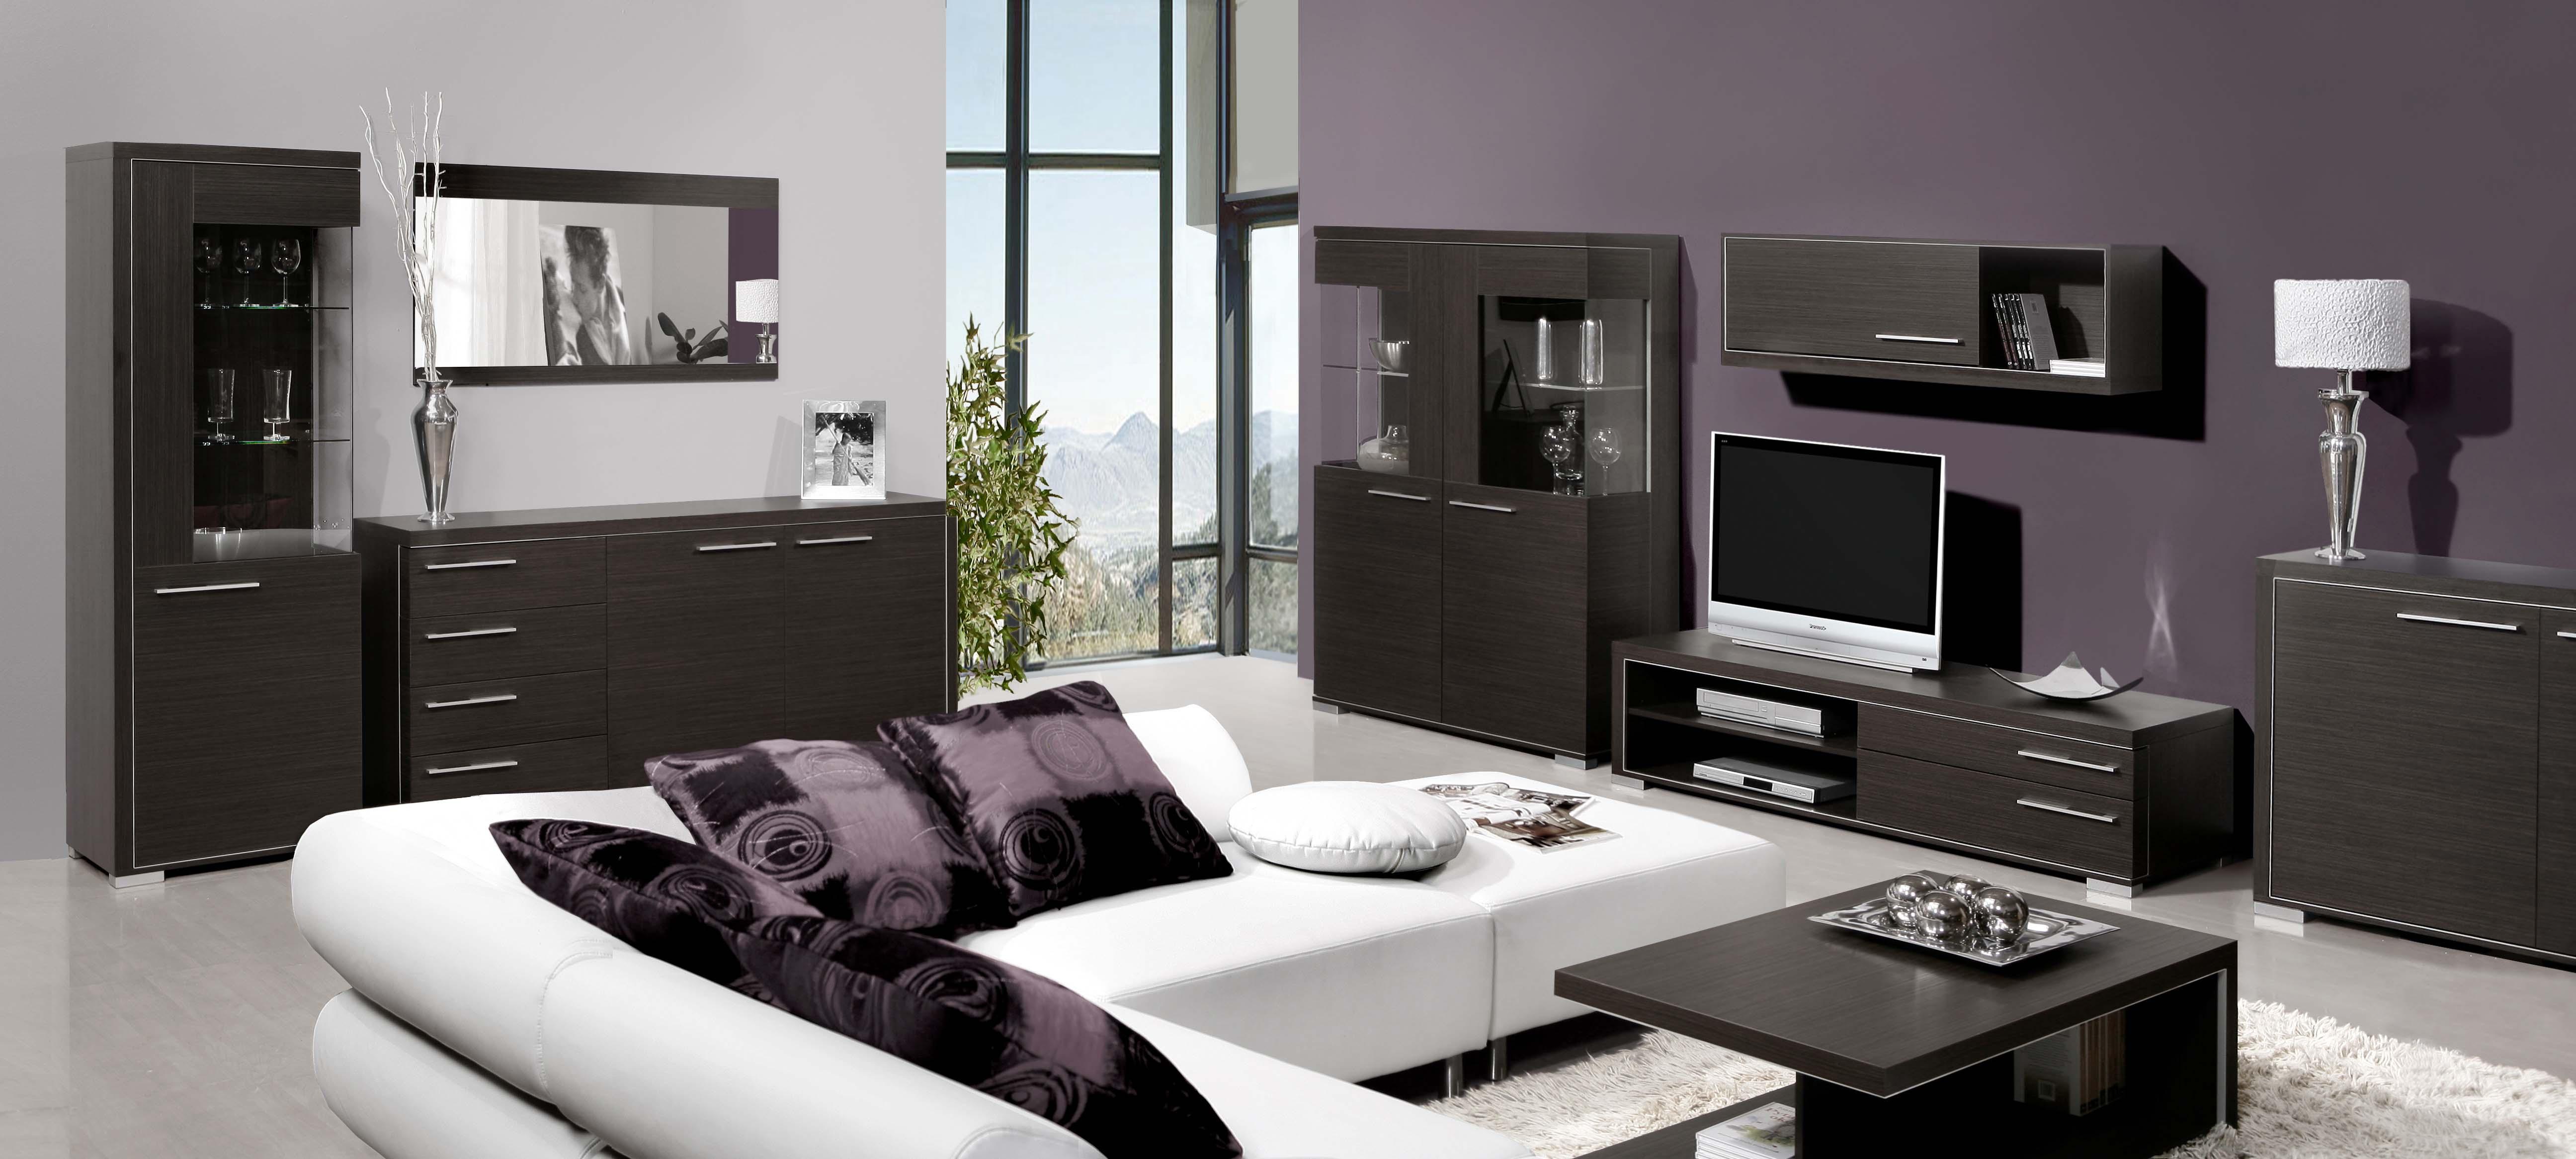 Как выбрать хорошую мебель для обустройства дома